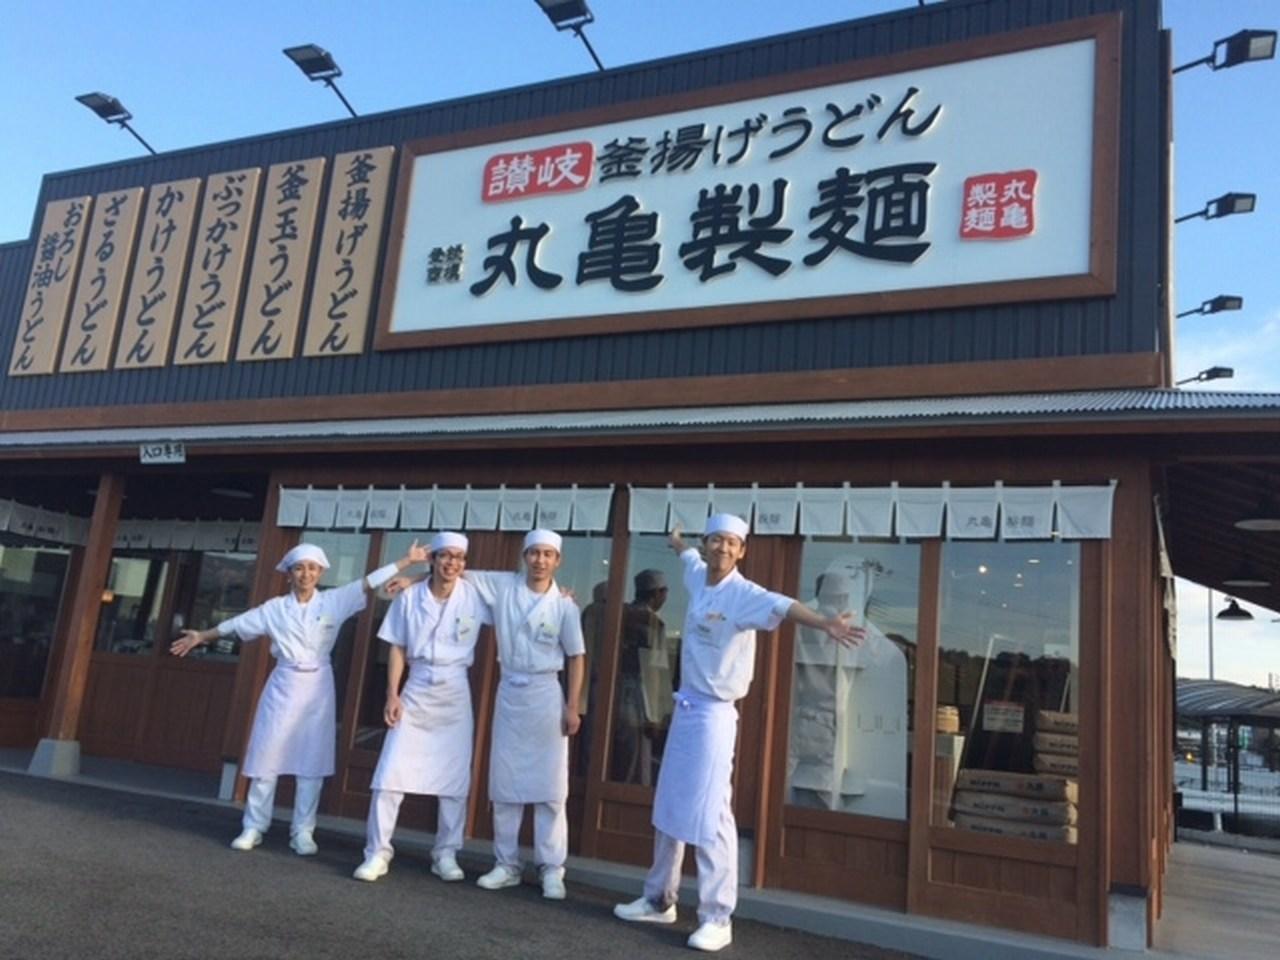 丸亀製麺 あまがさきキューズモール店 [店舗 No.110384]のアルバイト情報